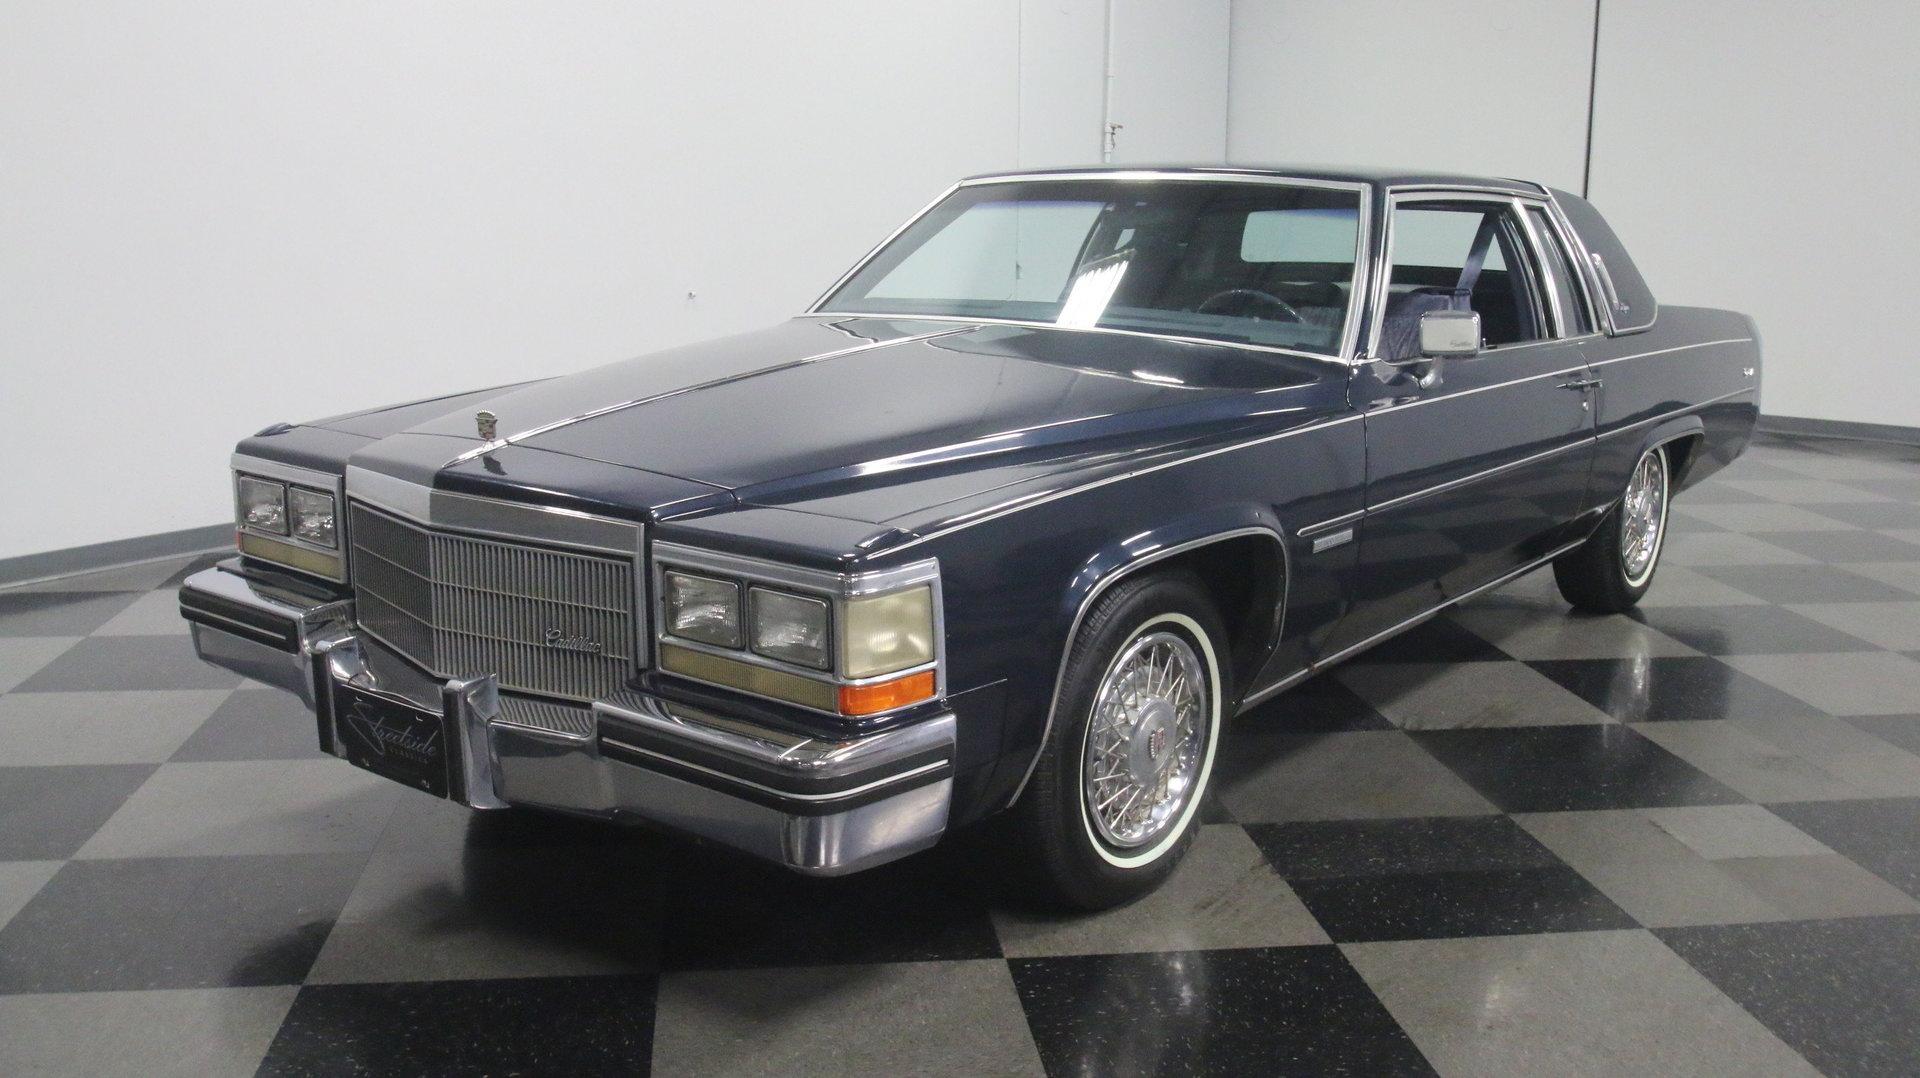 1983 Cadillac Coupe DeVille De Elegance for sale #99257 | MCG